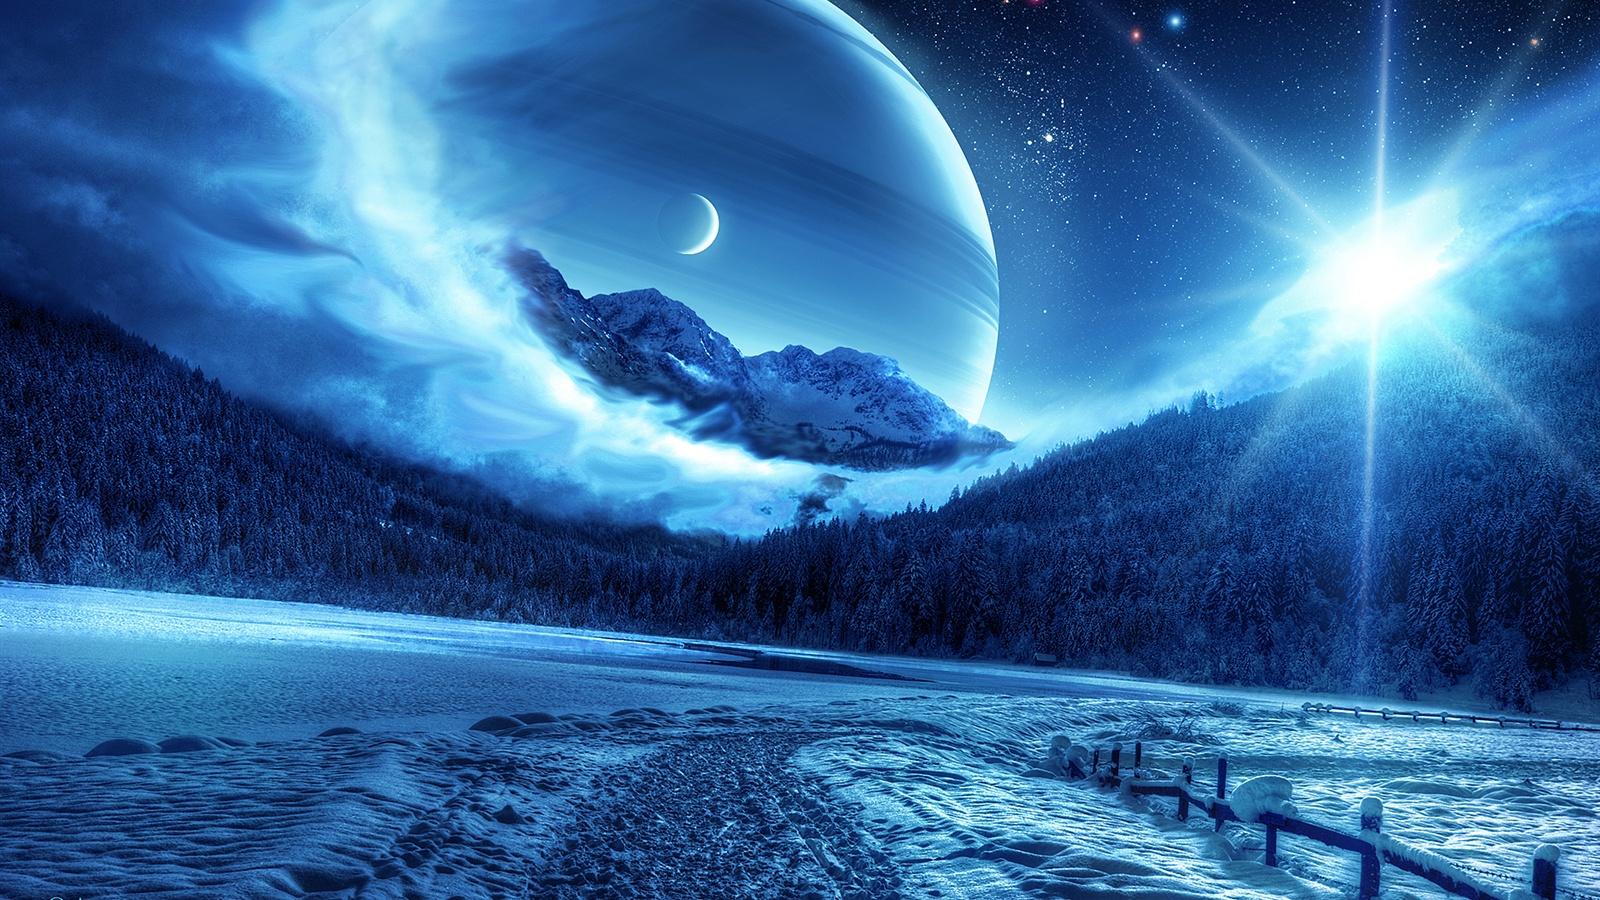 Лес зима планета космос обои 1600x900